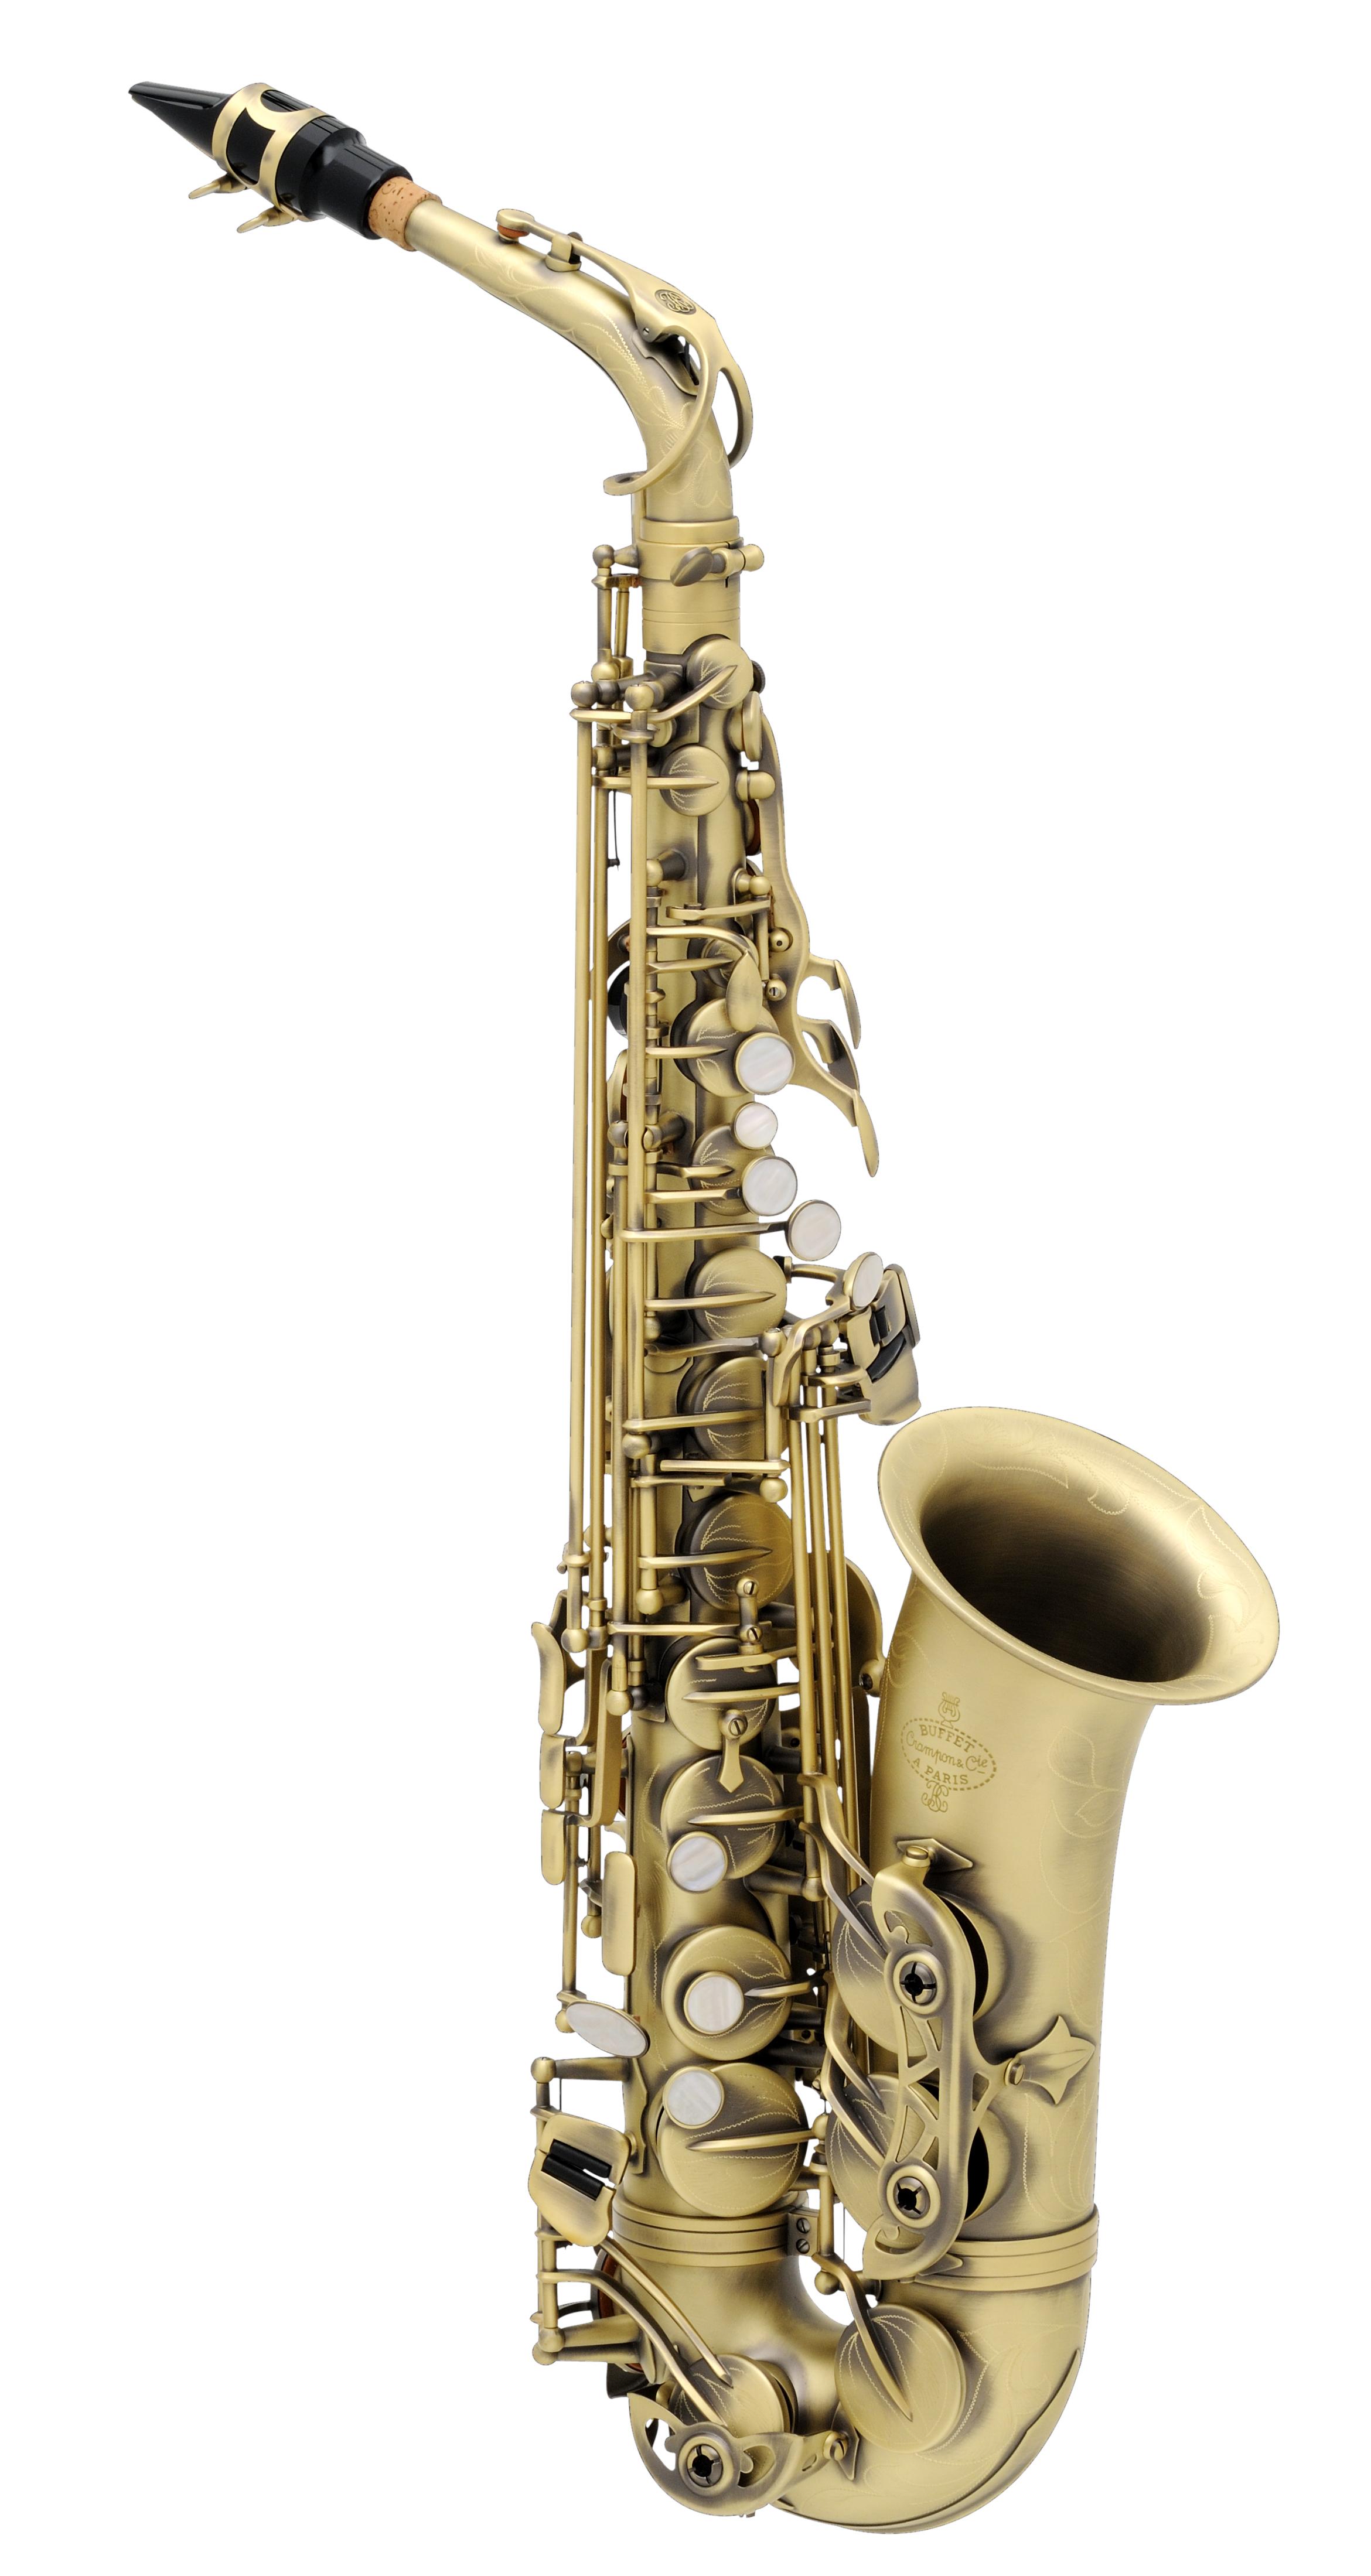 Buffet - BC - 8401 - 4 - 0 - Serie 400 - Holzblasinstrumente - Saxophone | MUSIK BERTRAM Deutschland Freiburg